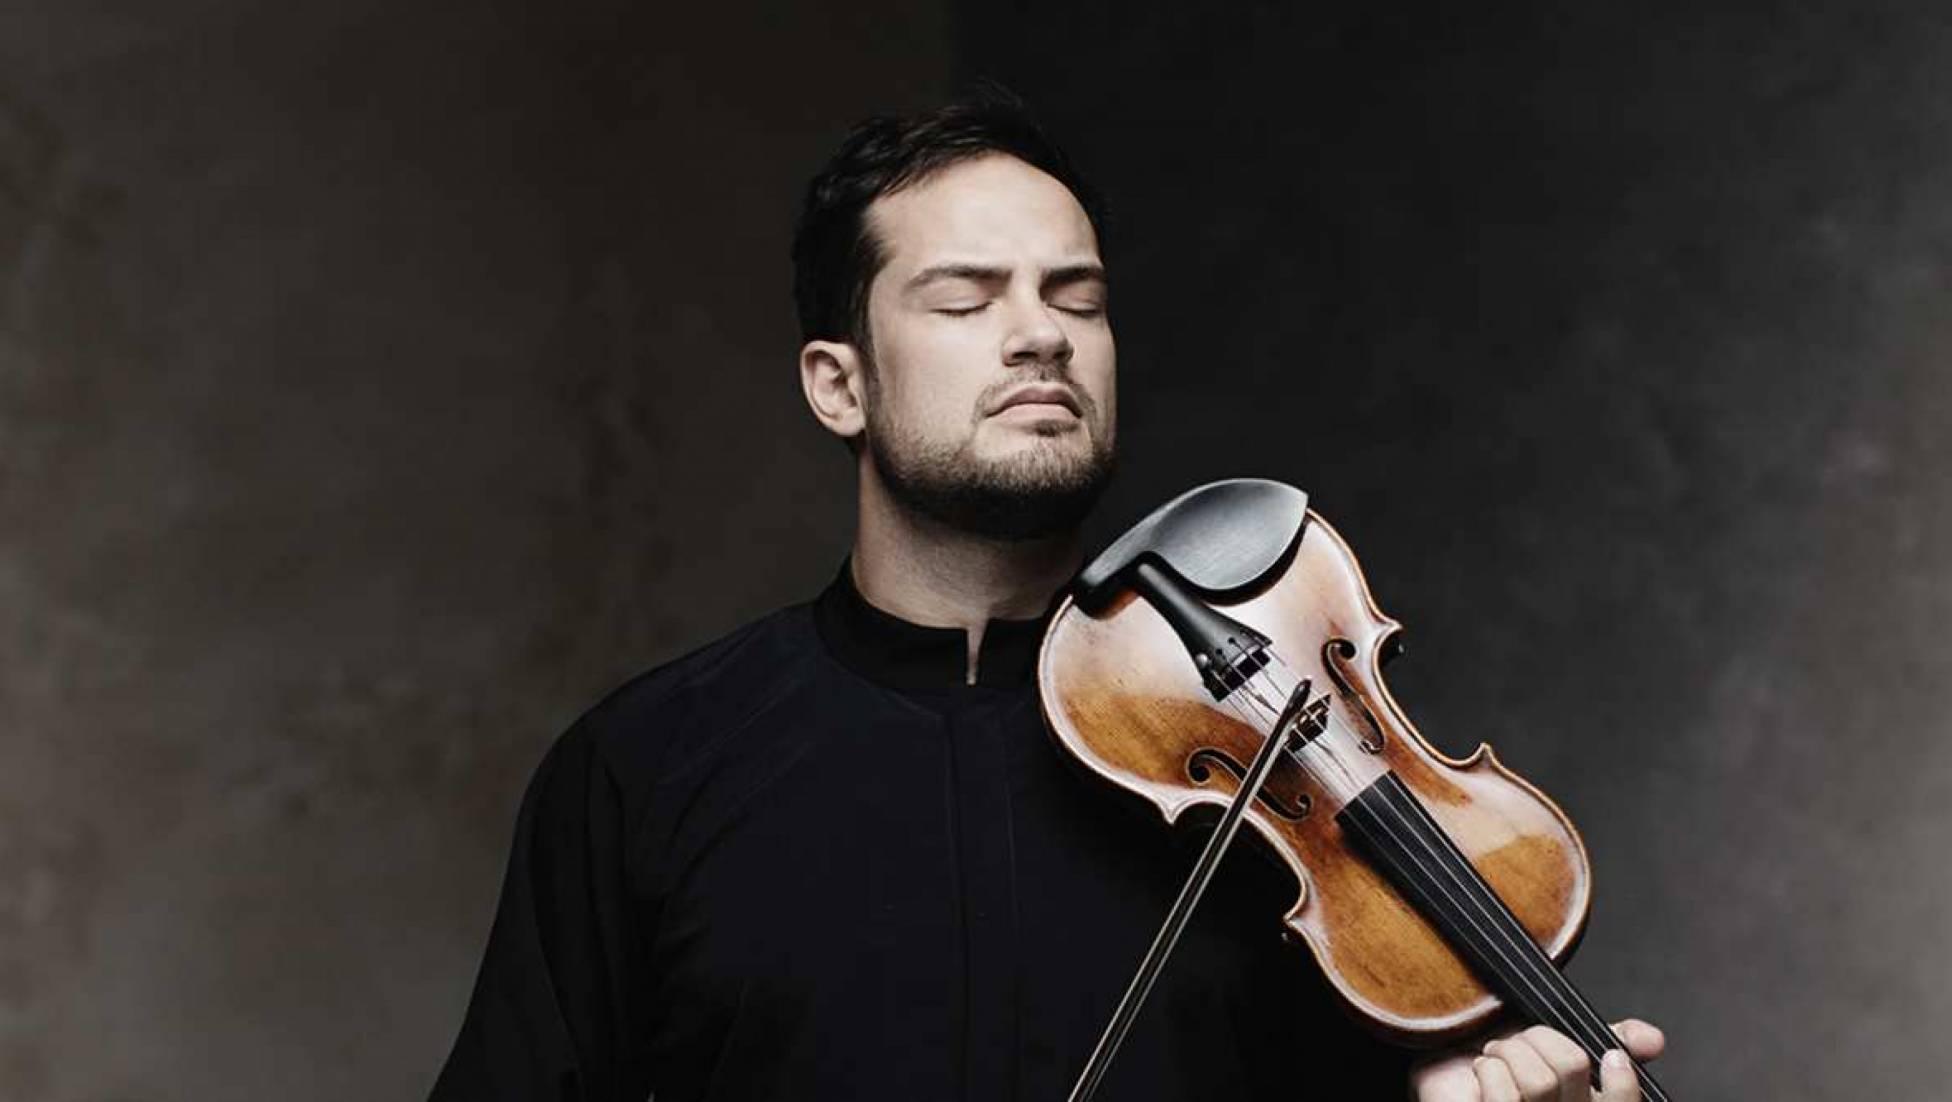 Het Nederlands Philharmonisch Orkest speelt De vuurvogel